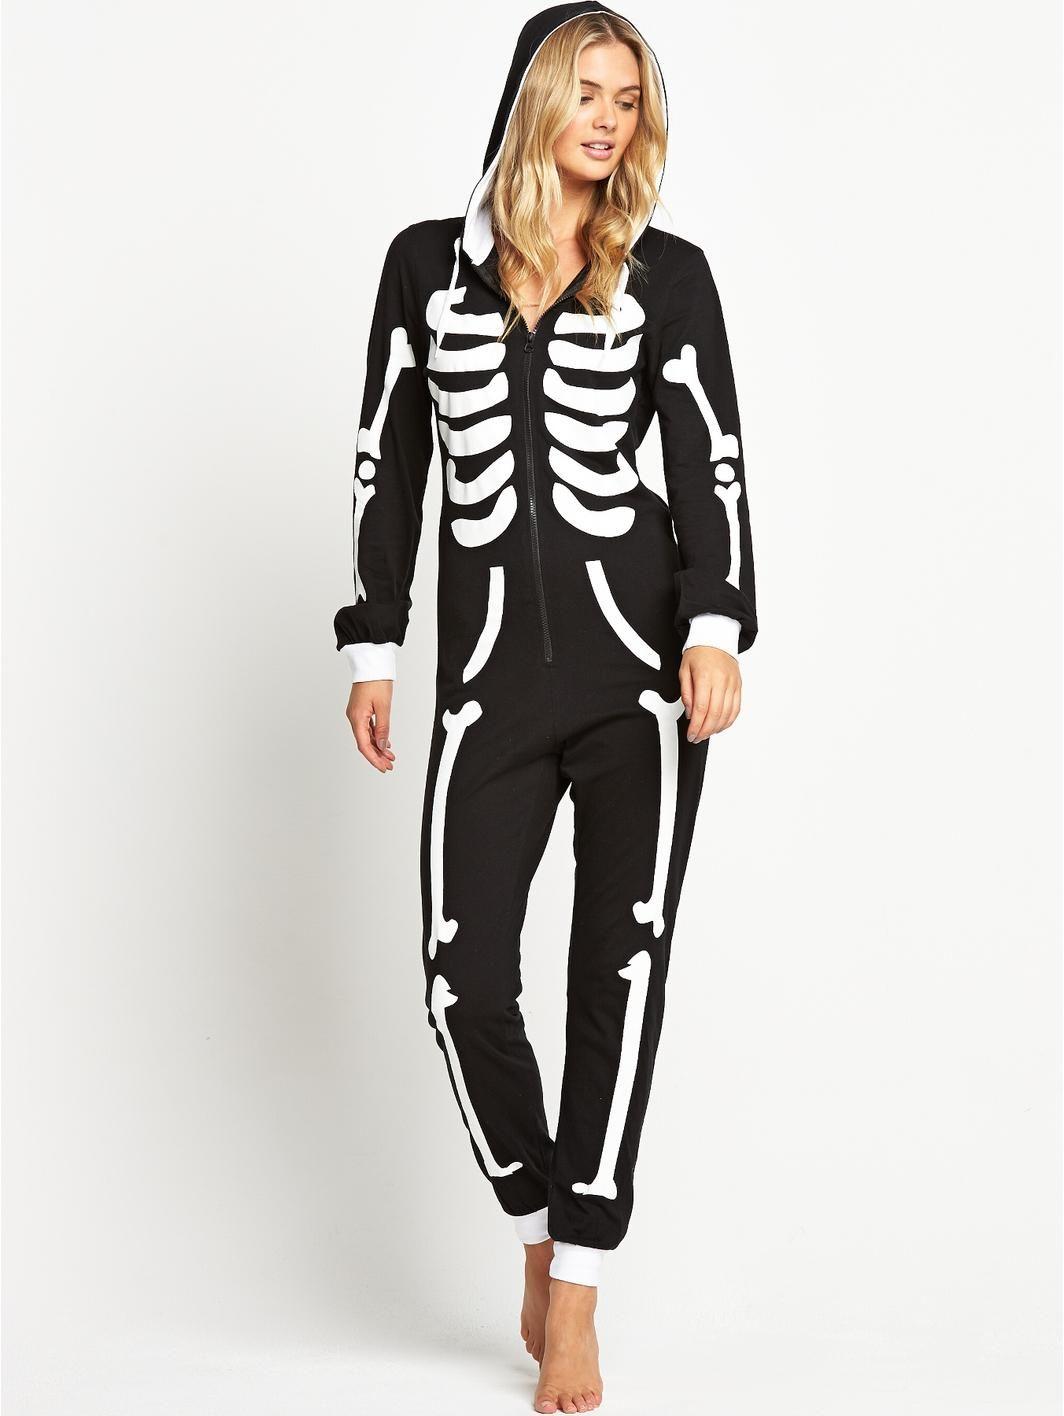 Sorbet Novelty Halloween Skeleton Onesie Perfect for Halloween d750e5219b